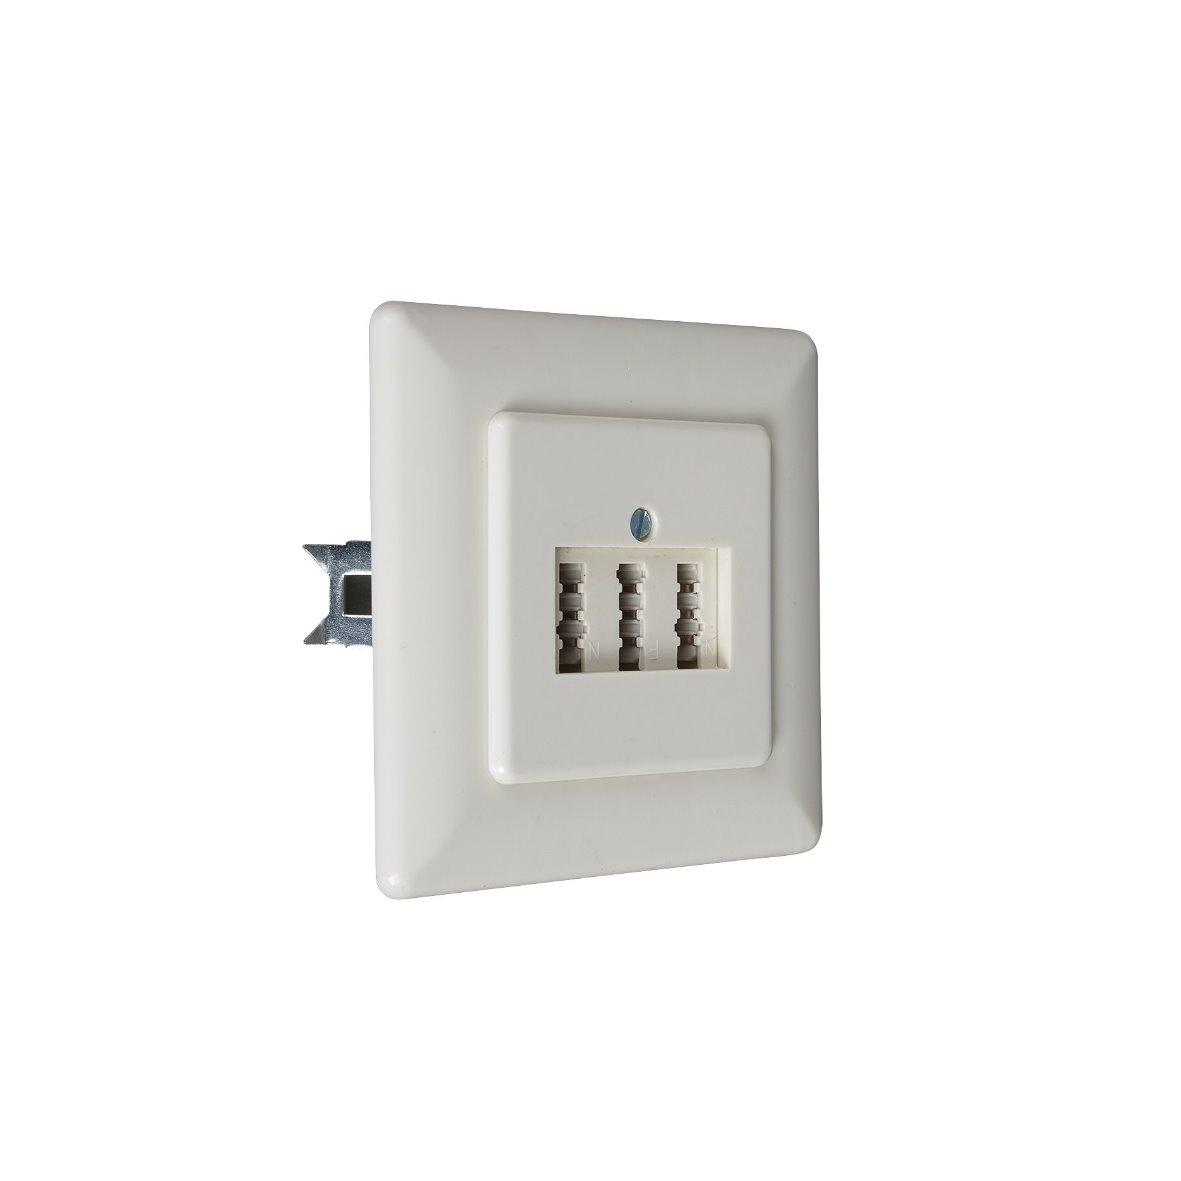 porto luxus design unterputz einsatz schalter up schuko steckdose glas metall ebay. Black Bedroom Furniture Sets. Home Design Ideas